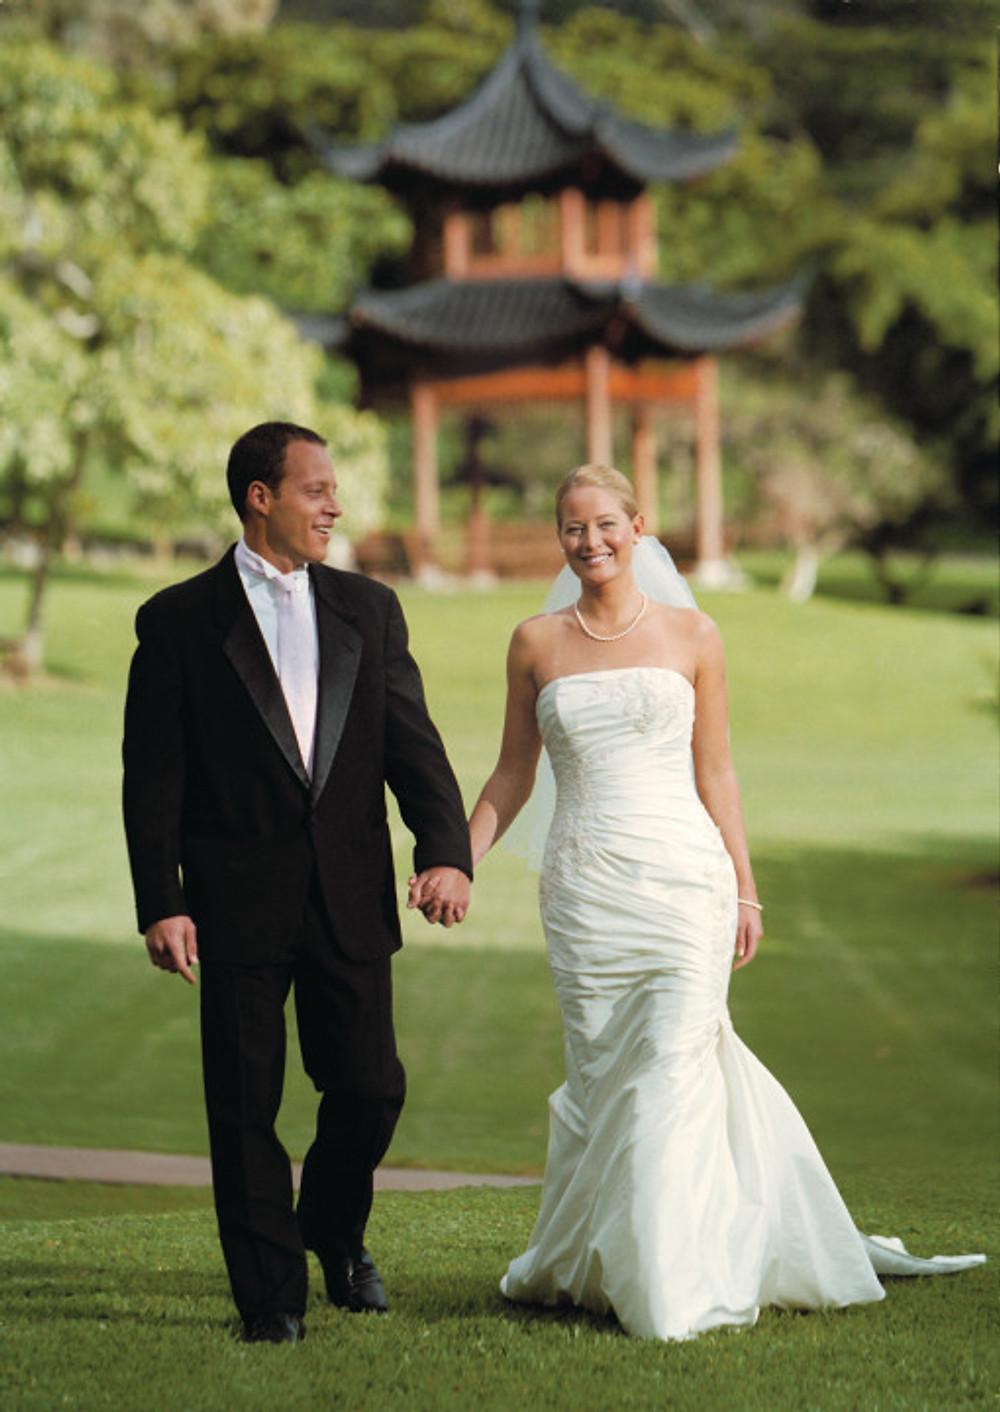 Destination Wedding Perfection Four Seaons Lanai